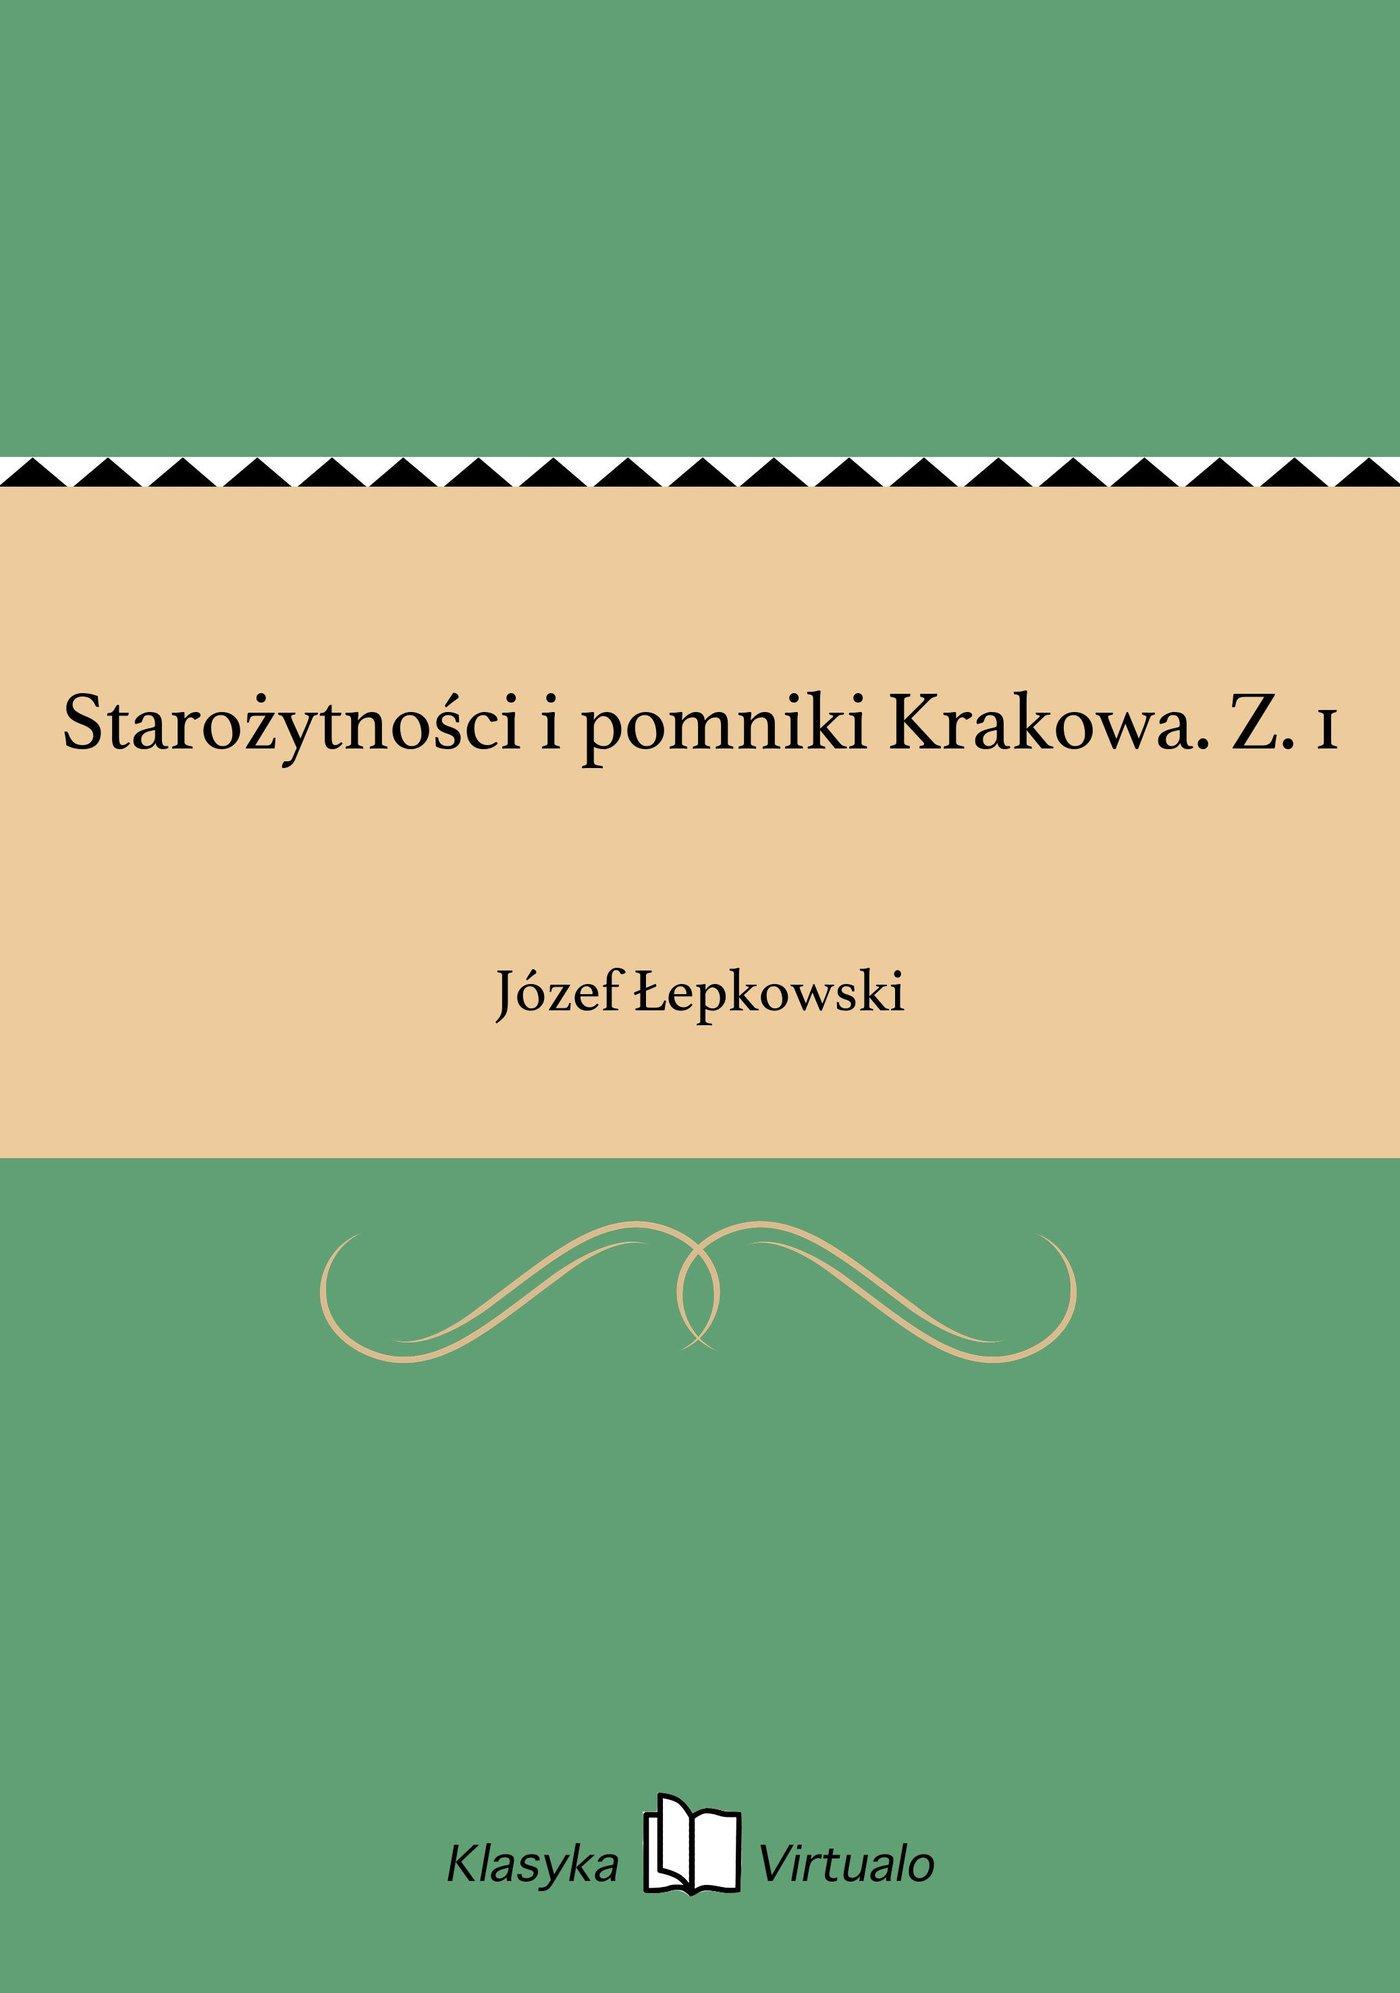 Starożytności i pomniki Krakowa. Z. 1 - Ebook (Książka EPUB) do pobrania w formacie EPUB